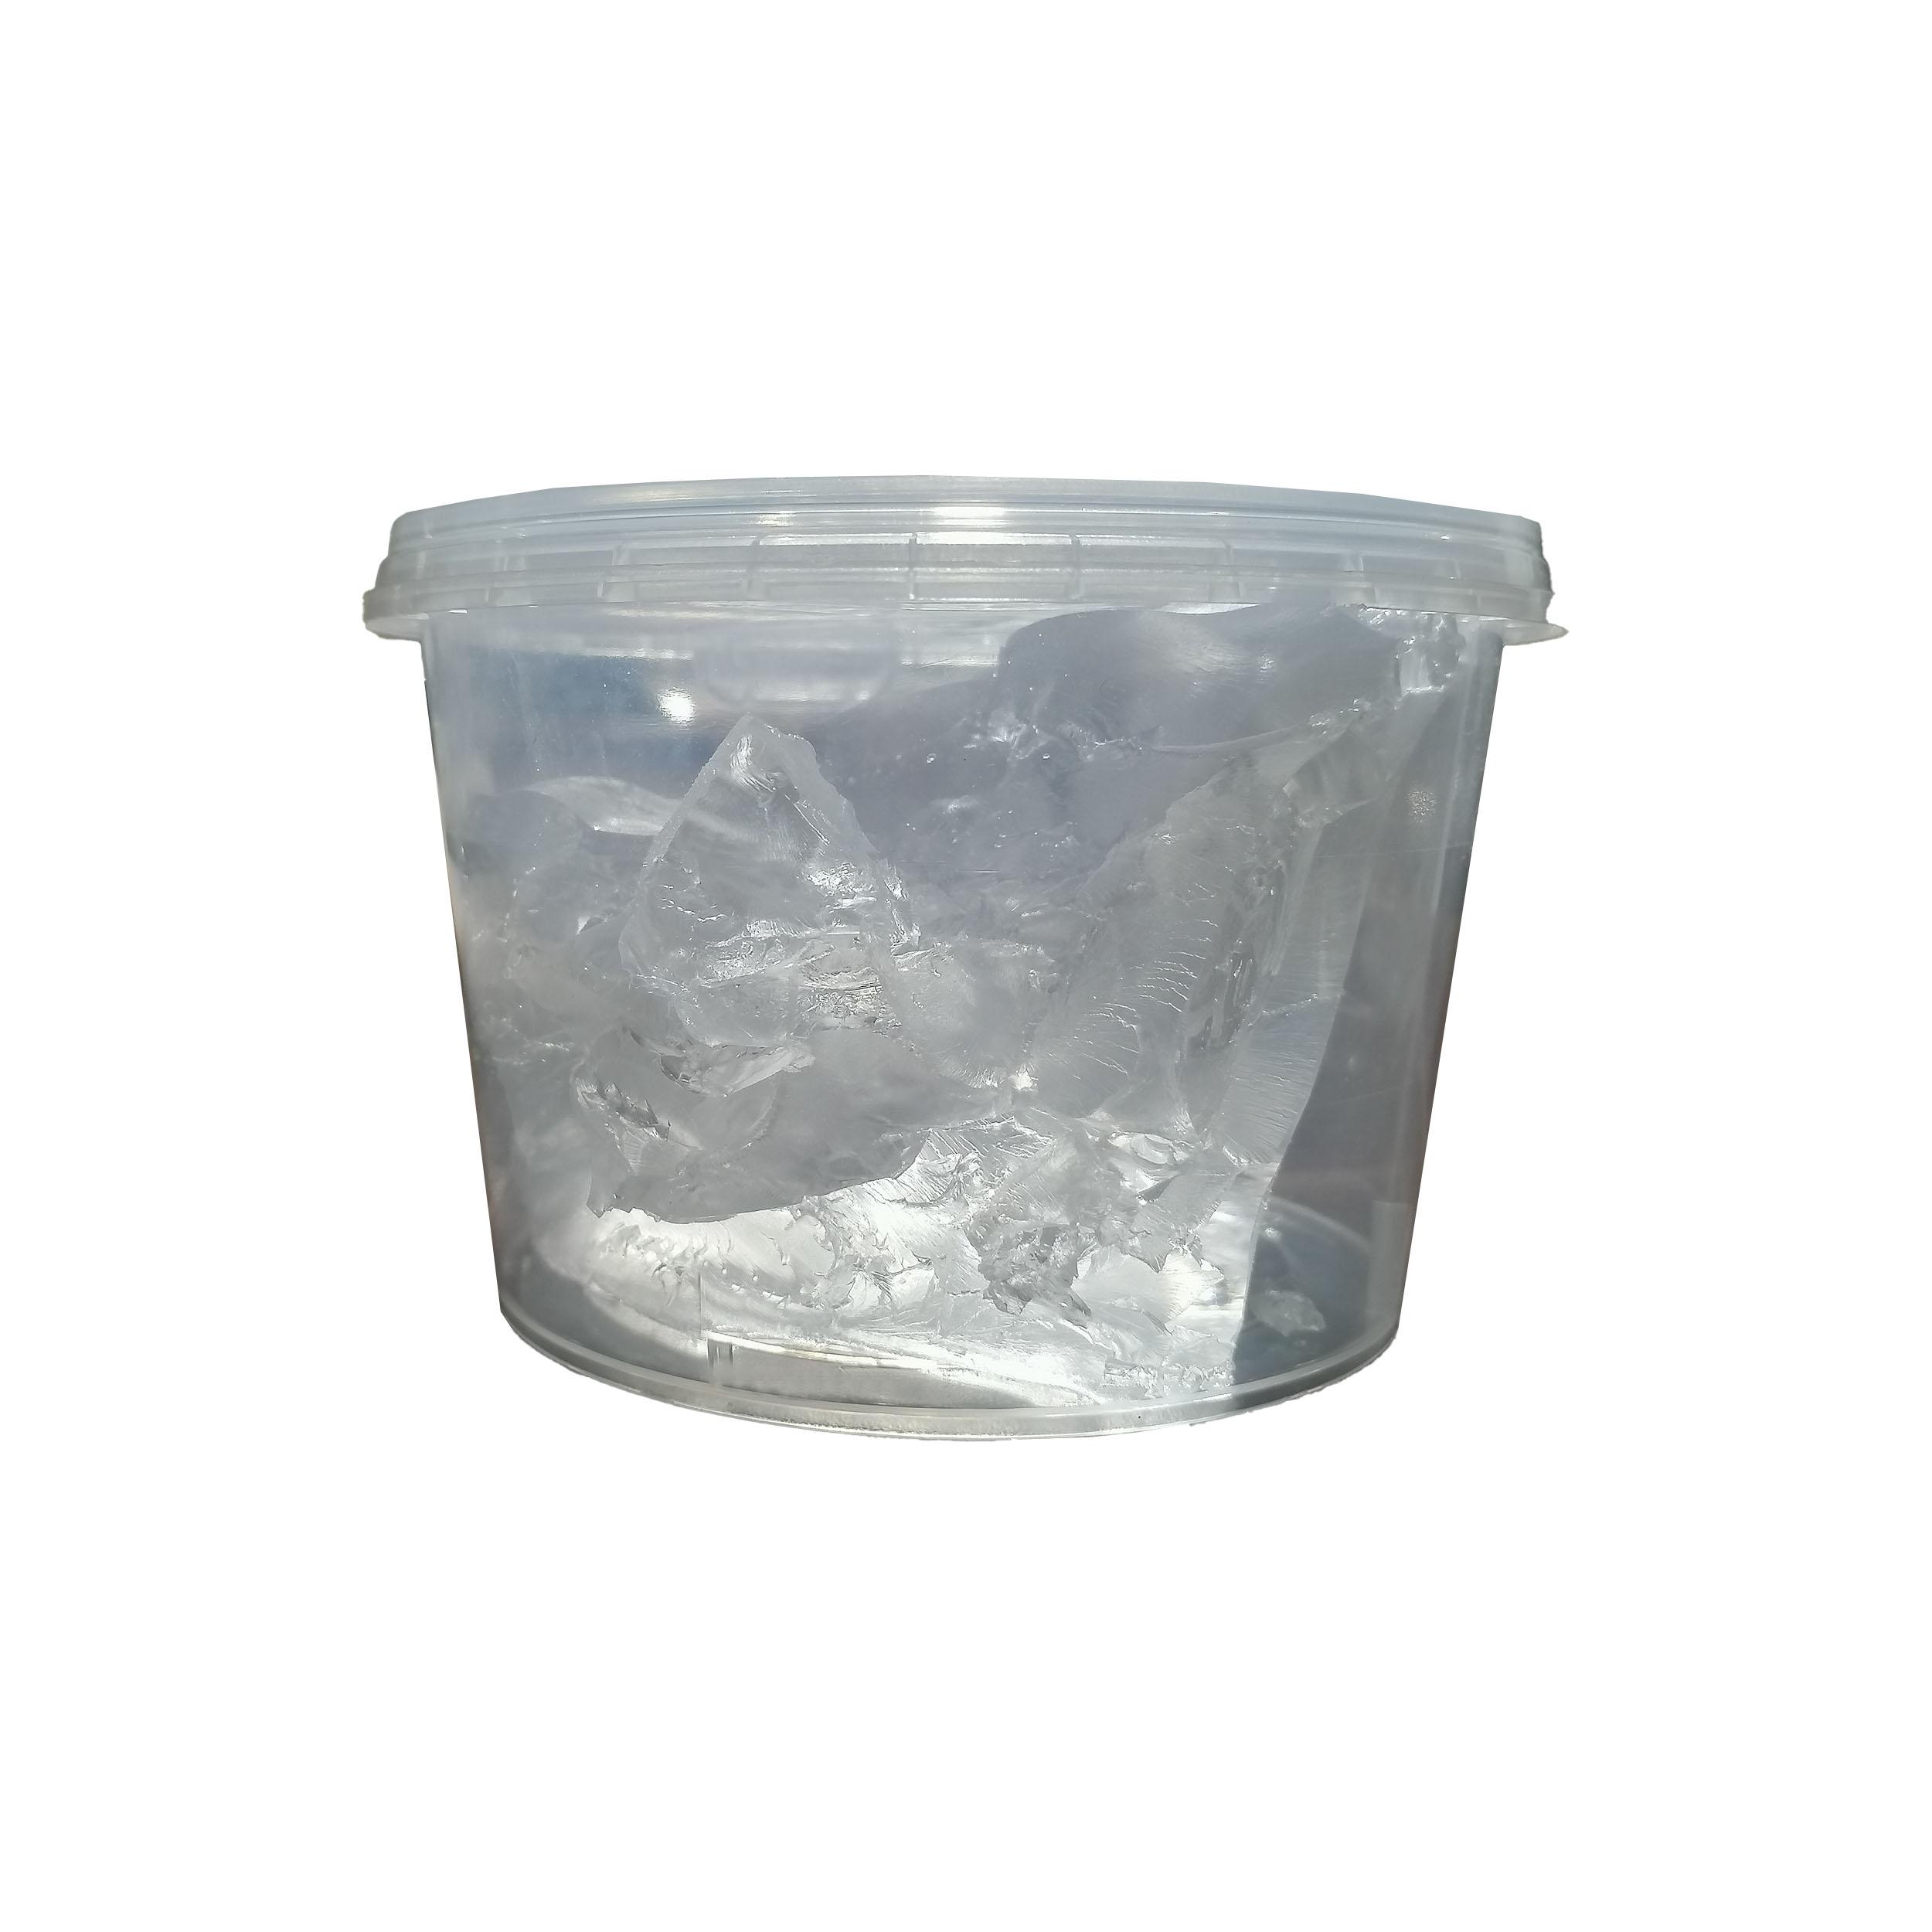 پارافین ژله ای شمع کد pg3 وزن 300 گرم